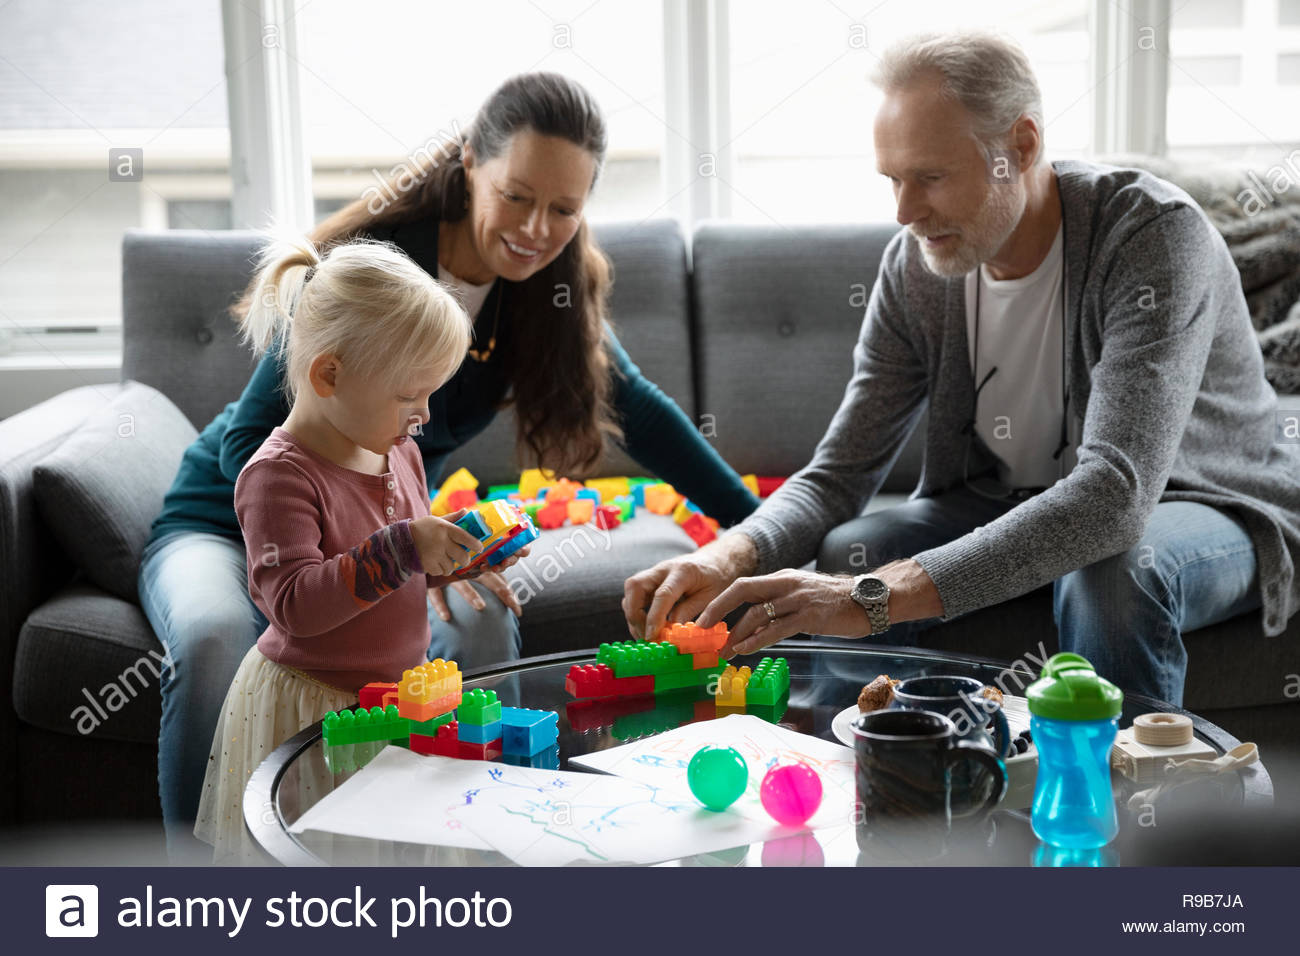 Los abuelos y nieta jugando con bloques de plástico en el salón Imagen De Stock